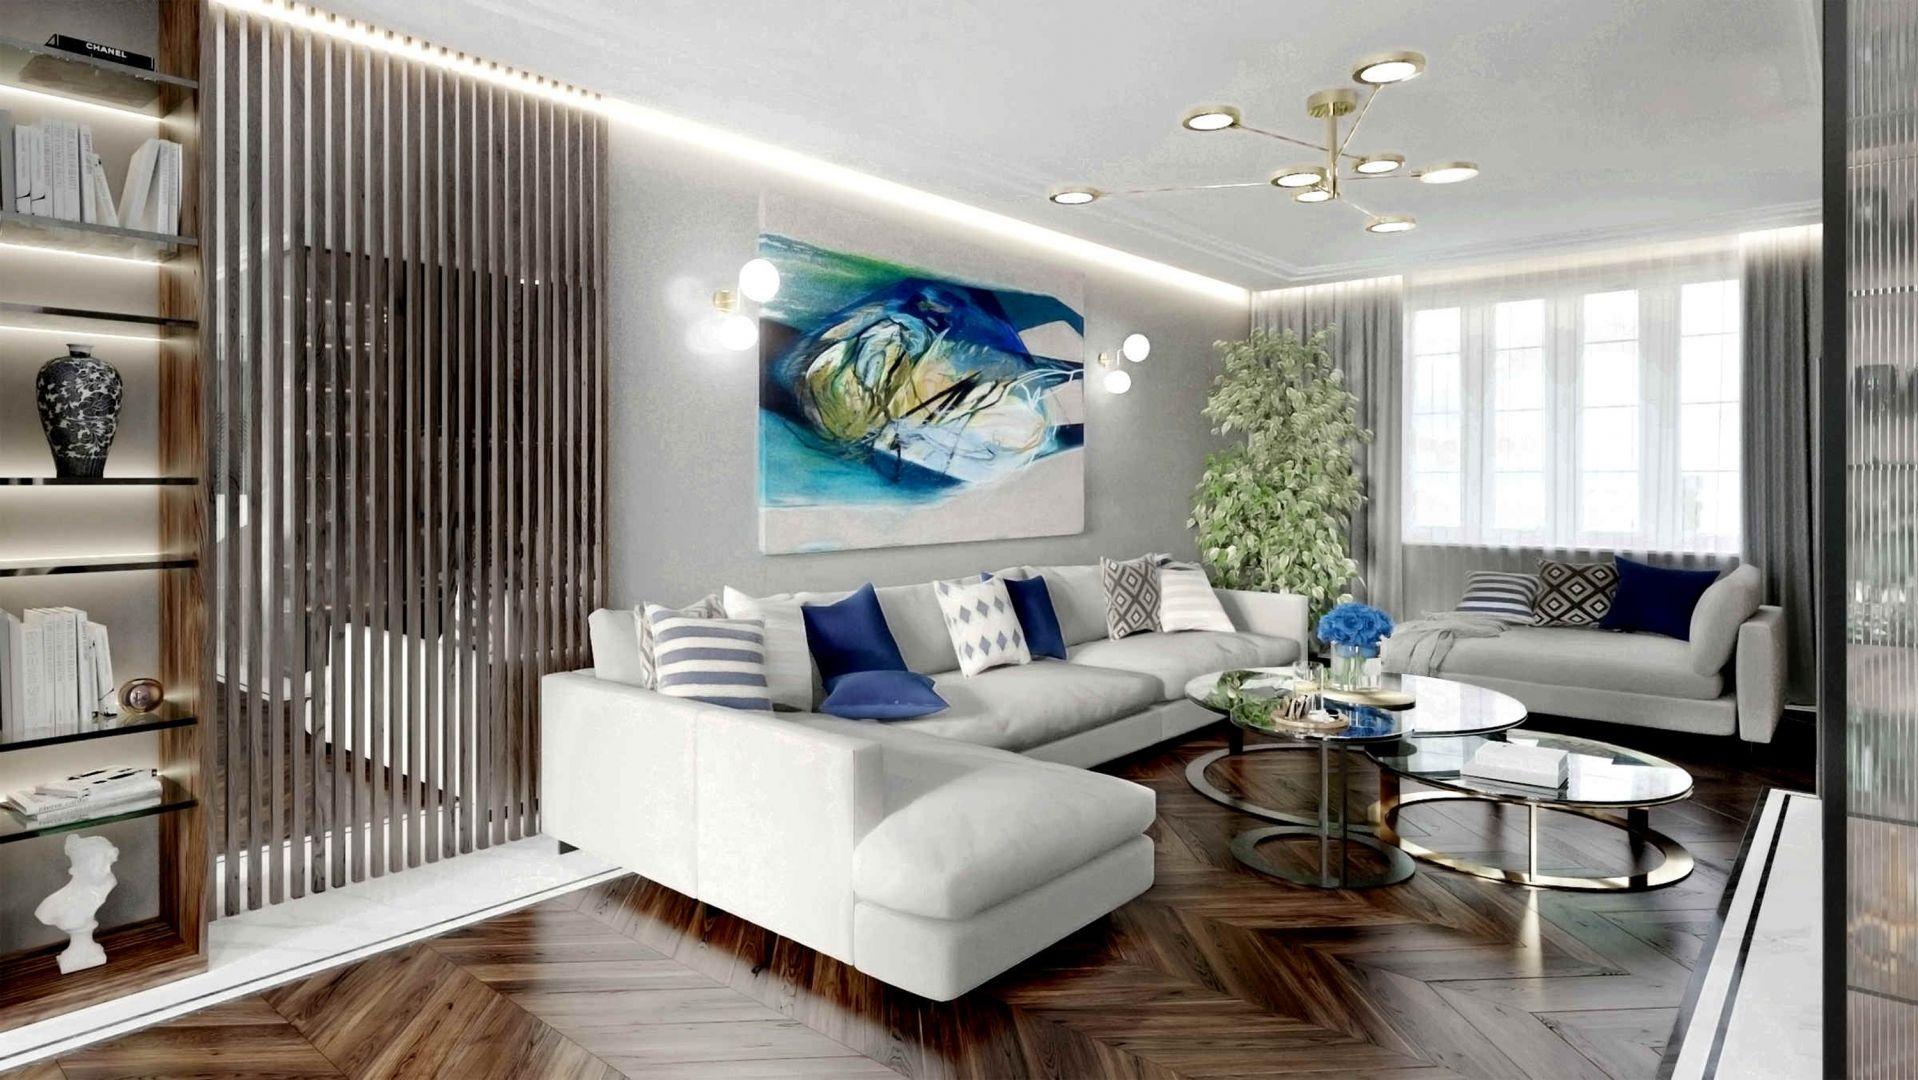 Jeśli chcesz urządzić salon tak, by wyglądał świetnie nawet za kilka lat, postaw na wykonane z wysokiej jakości materiałów  meble. Projekt Tissu Architecture